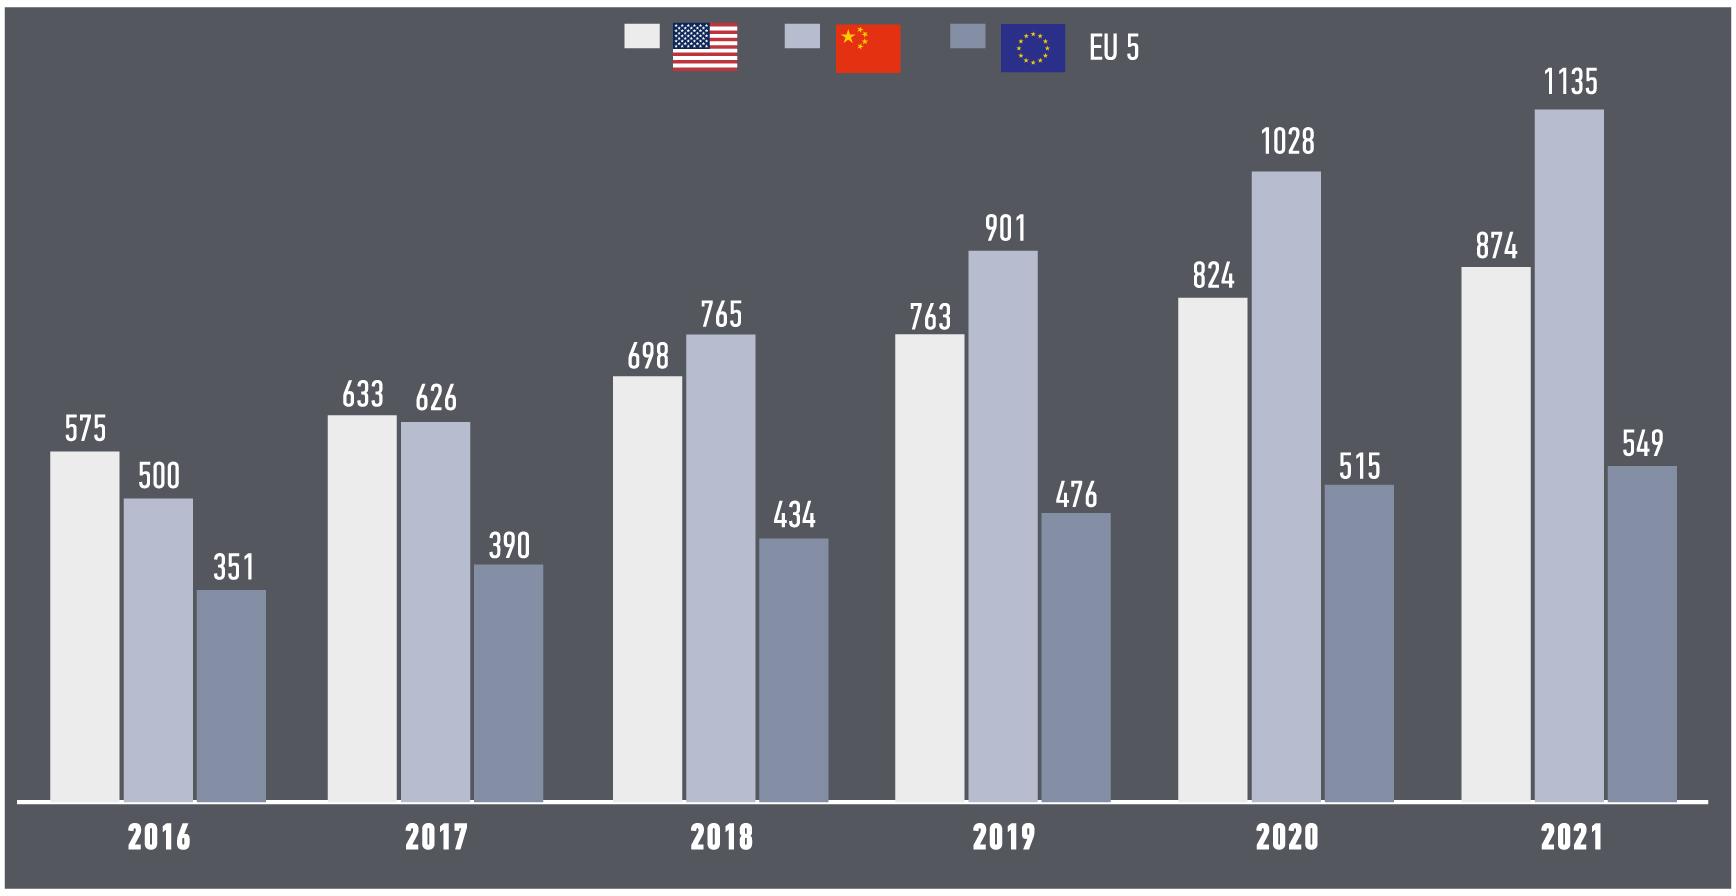 Развитие рынка цифрового оборудования в 2016–2021 гг. в США, Китае и Европе. Как европейские взяты суммарные данные по пяти странам: Франции, Германии, Италии, Испании и Великобритании